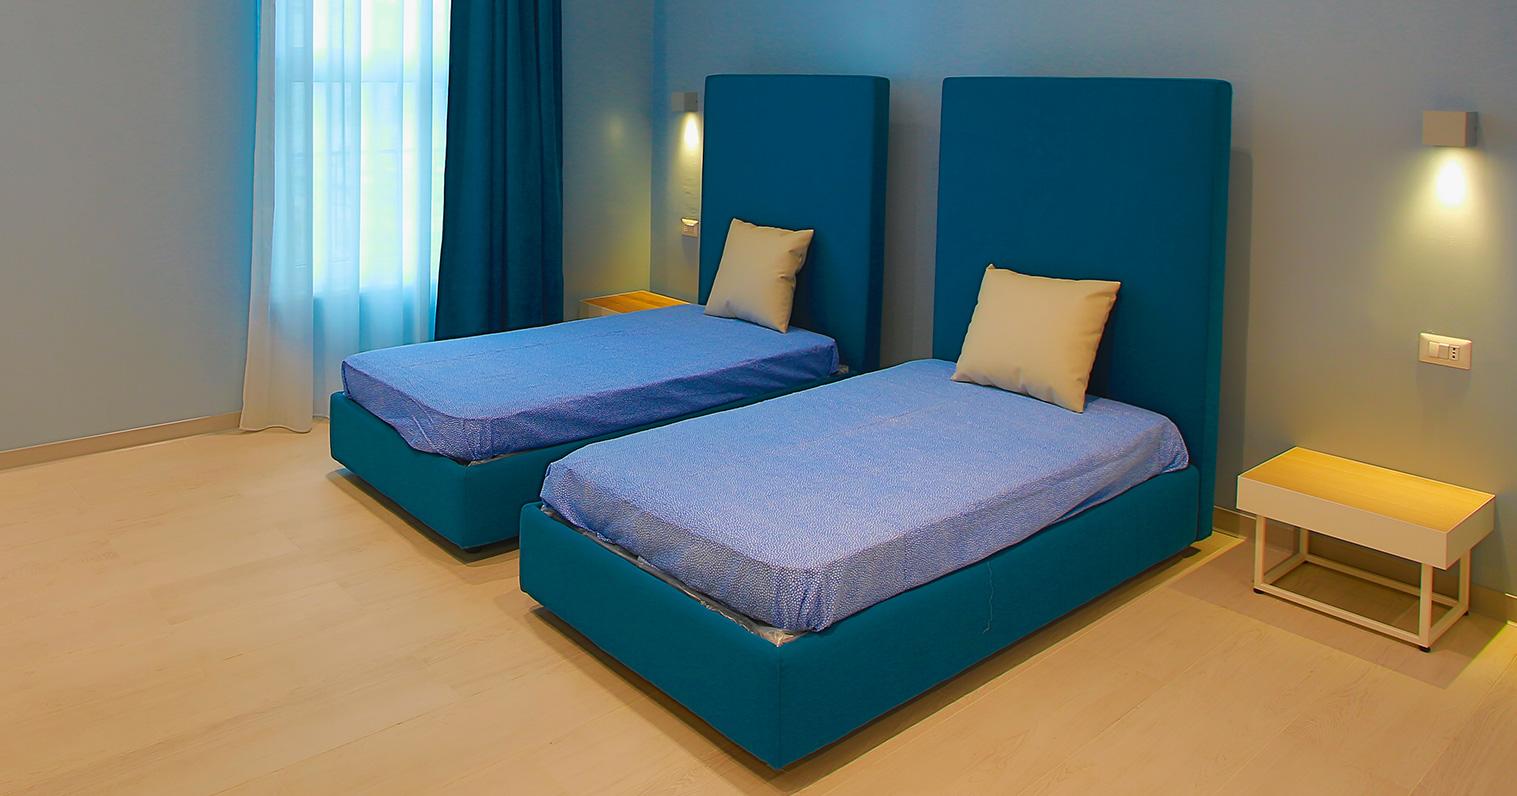 Camera da letto per la Ronald McDonald